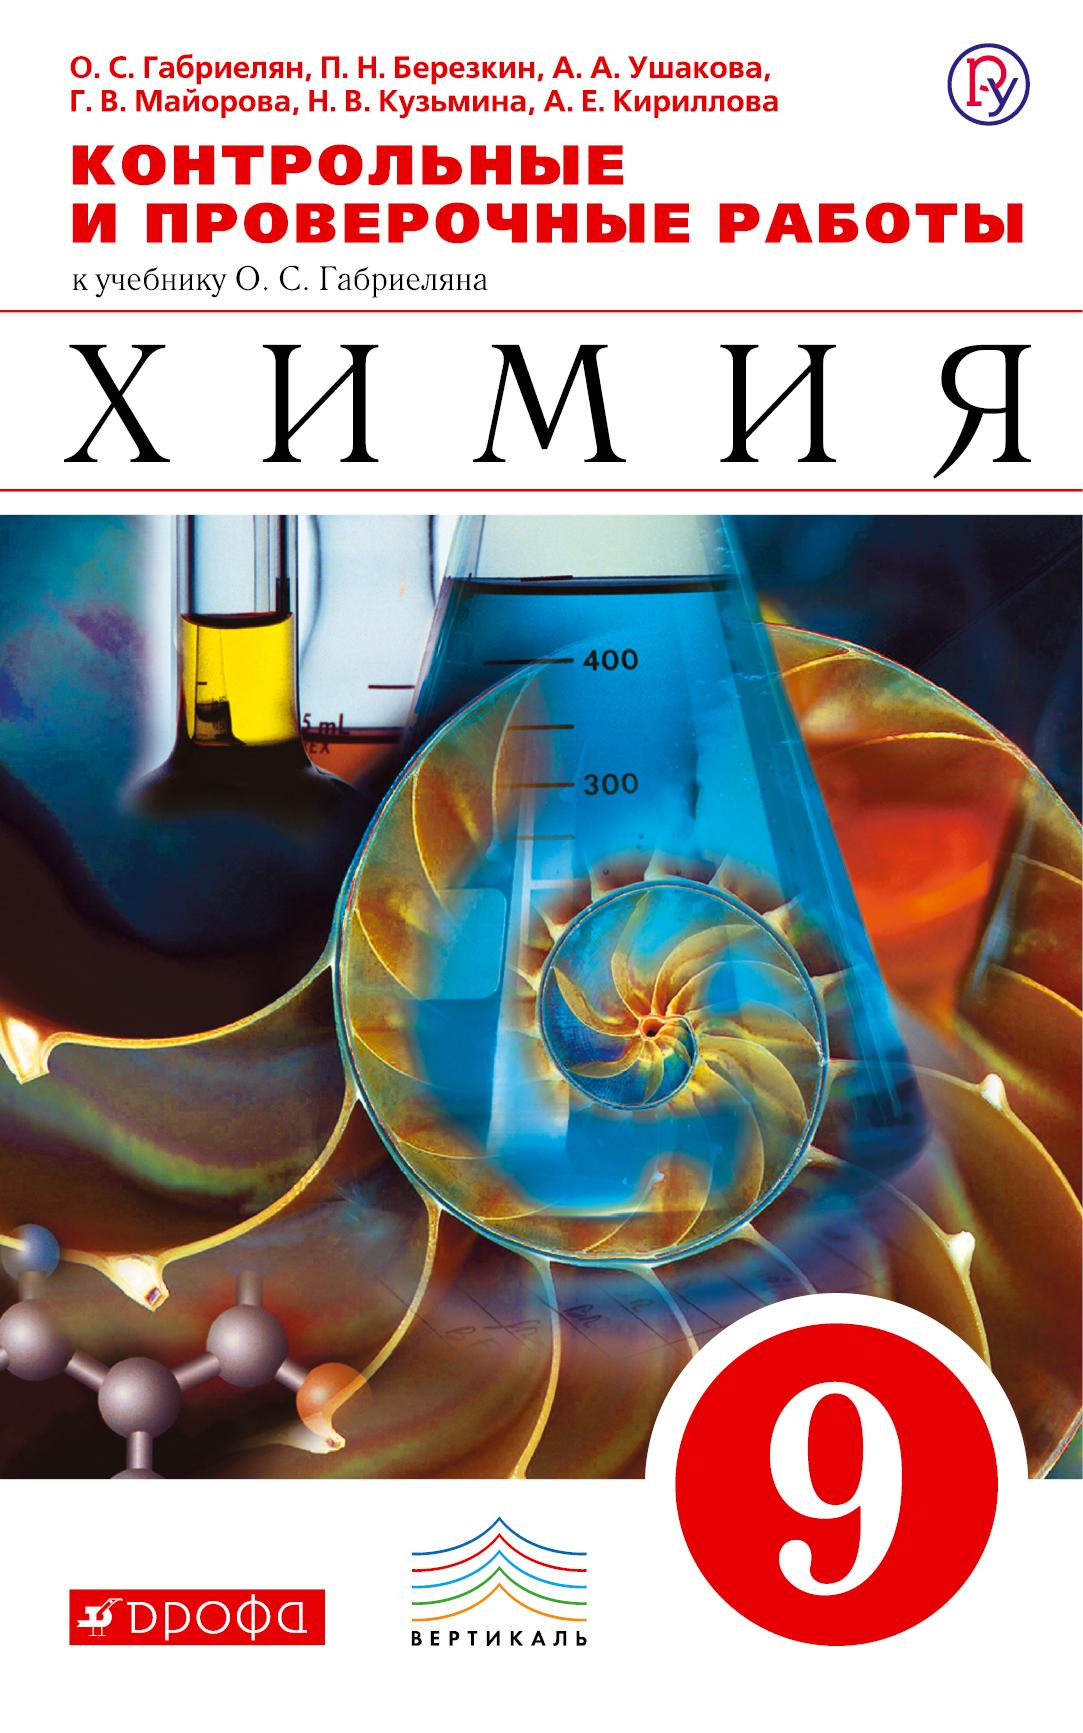 Габриелян О.С., Березкин П.Н., Ушакова А.А. Химия. 9 класс. Контрольные и проверочные работы